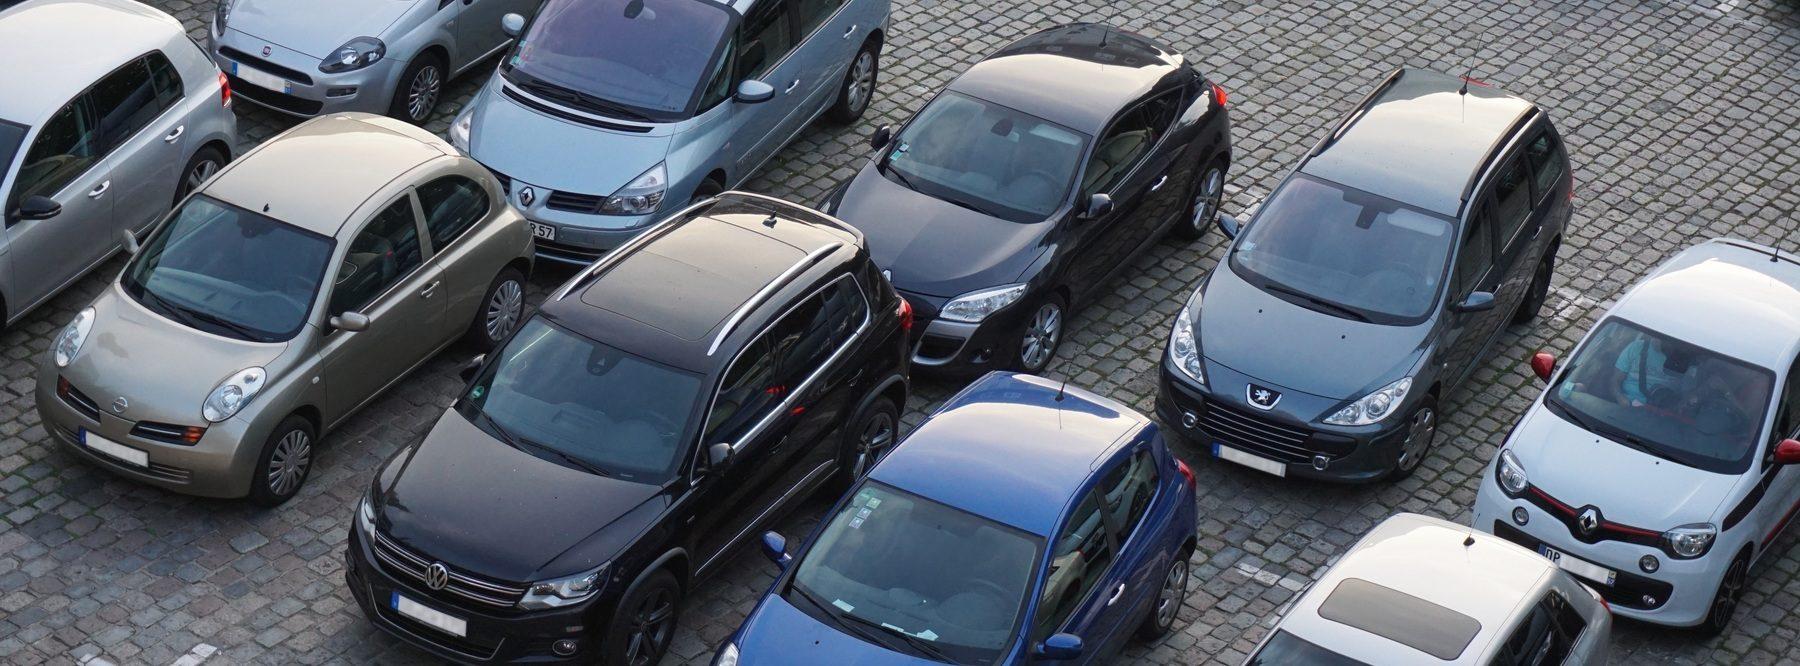 La caja negra llegará a nuestros coches en 2022